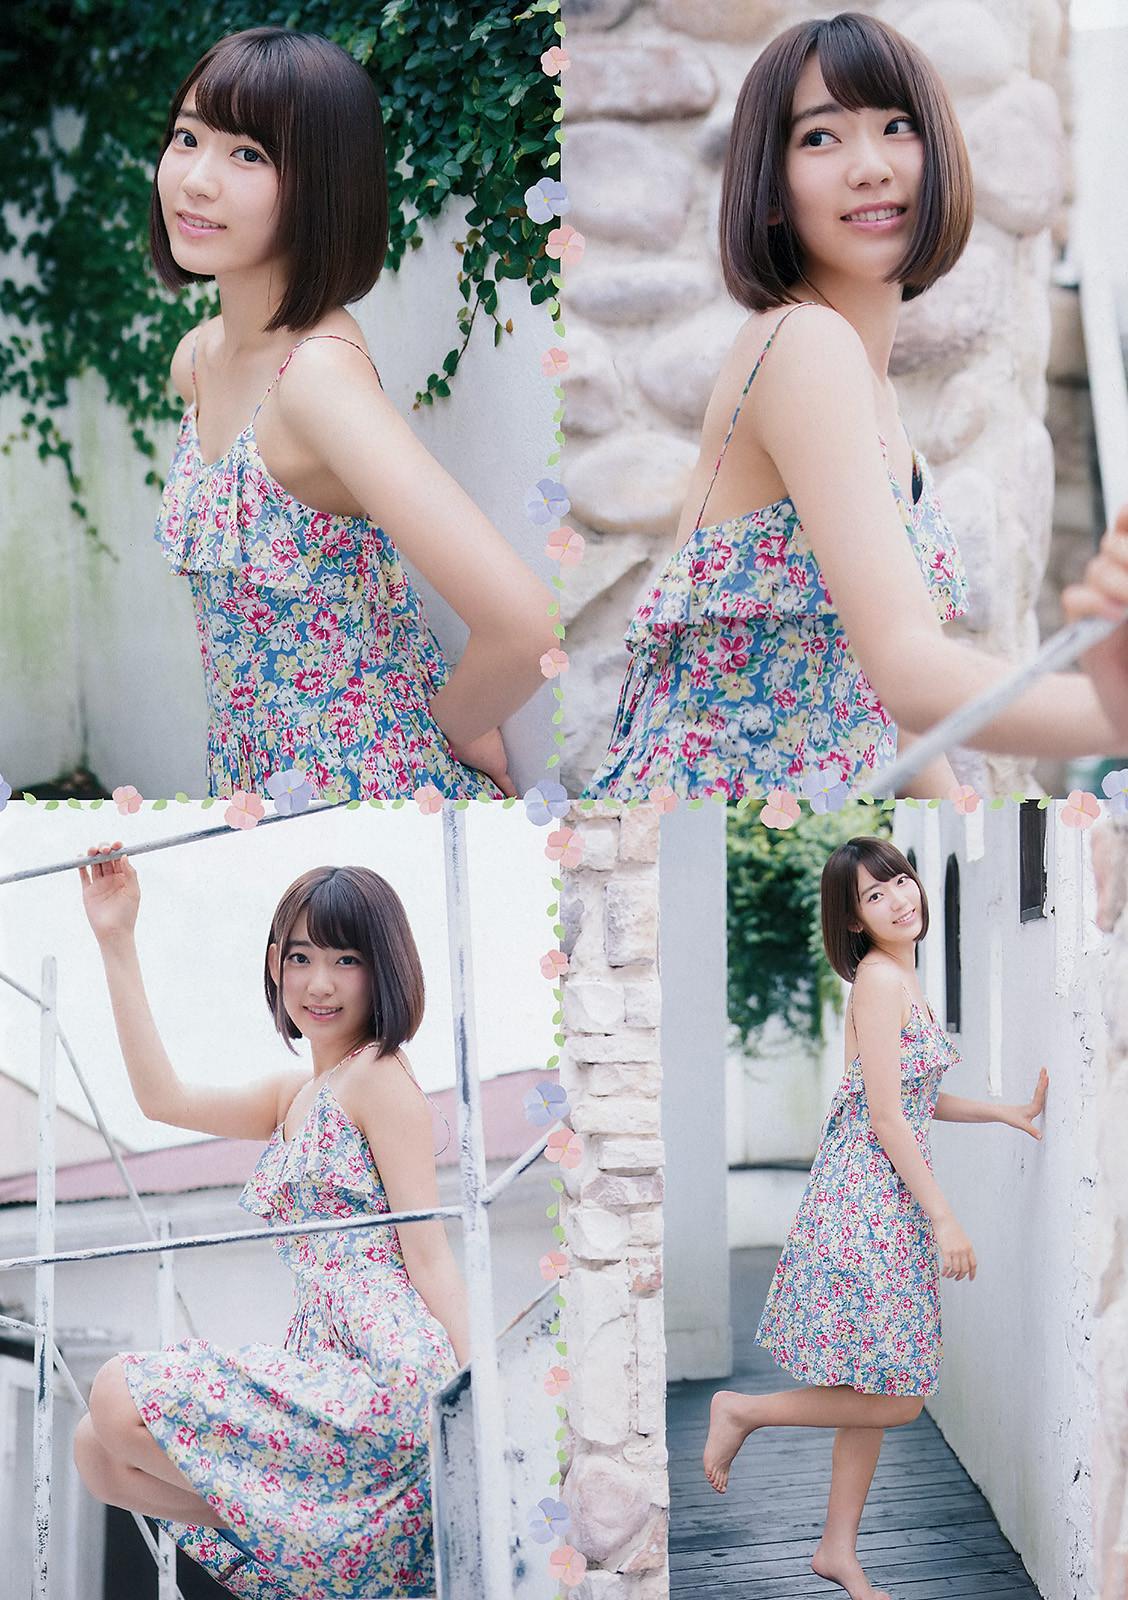 HKT48宮脇咲良ちゃんの超絶キュートな水着グラビア!